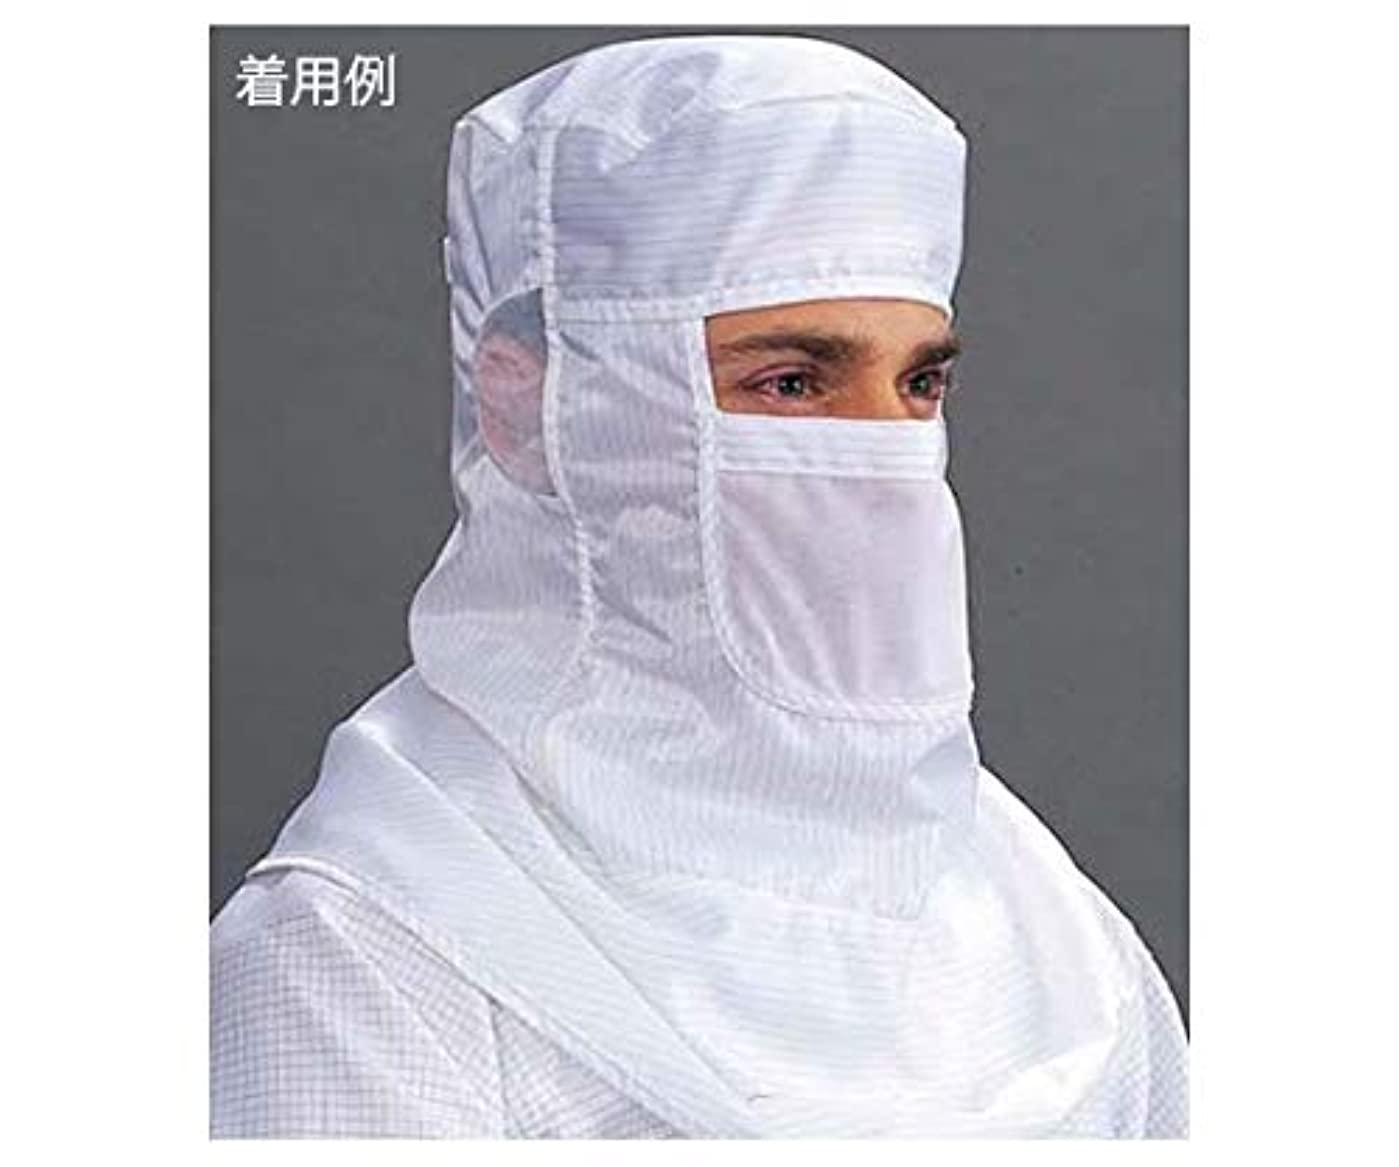 宝大量最愛のMCC(MaxClean) マスク一体型クリーンフード 3095 ホワイト Lサイズ 3095/A_L